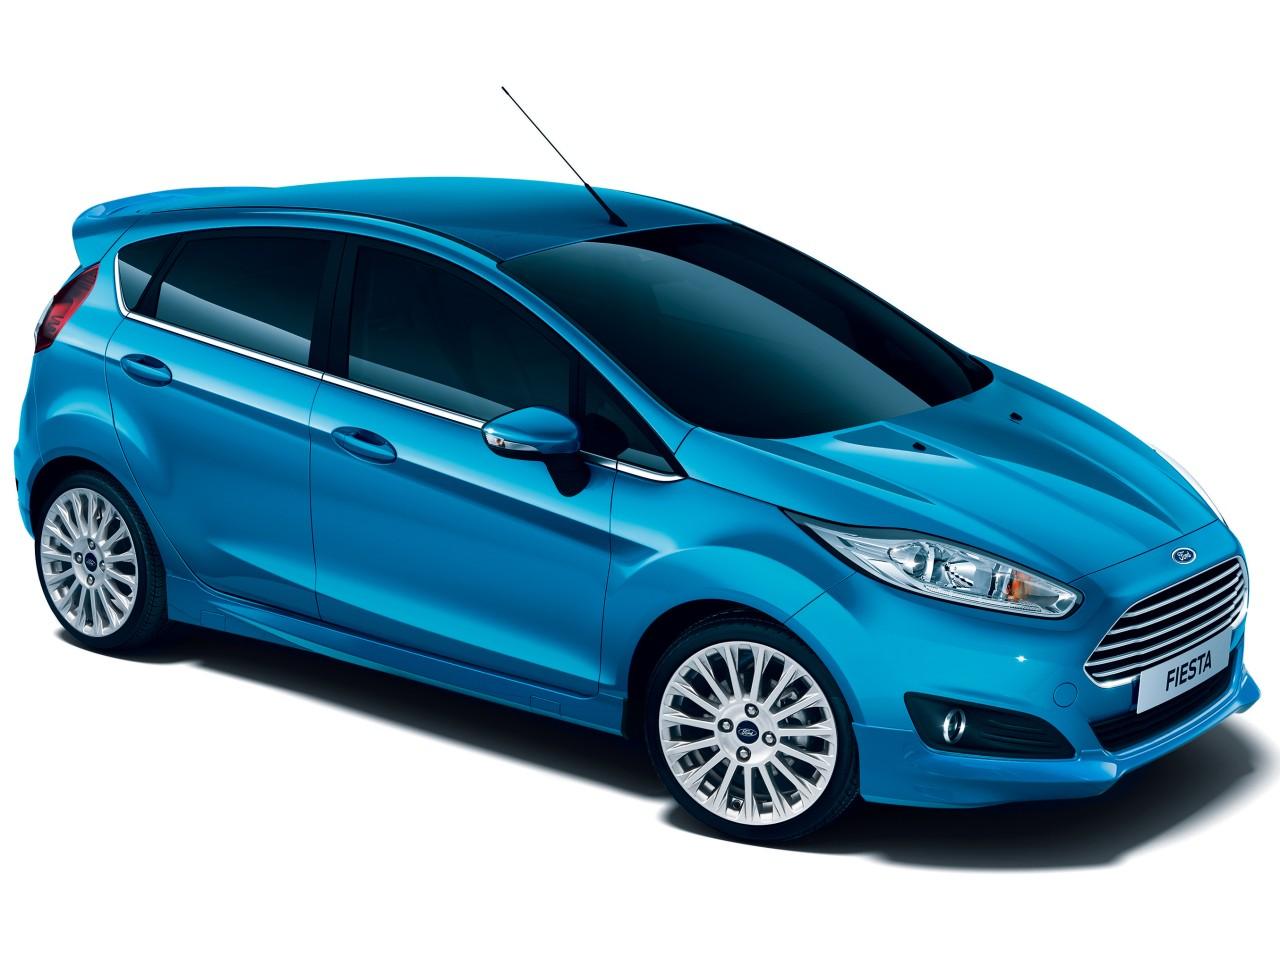 フォード フィエスタ 2014年モデル 新車画像